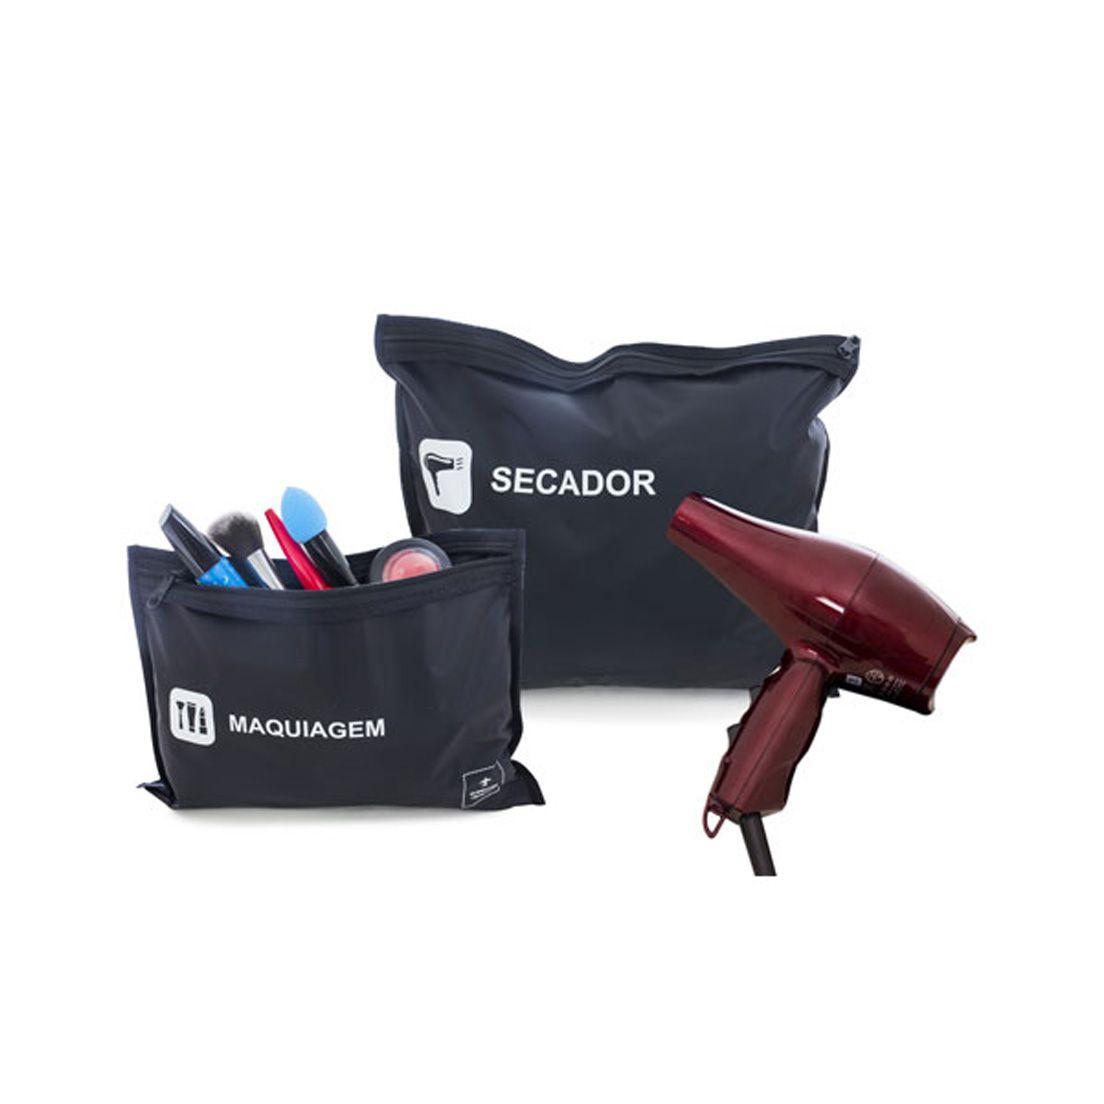 Kit de Viagem para Secador e Maquiagem 2 Sacos de Poliamida